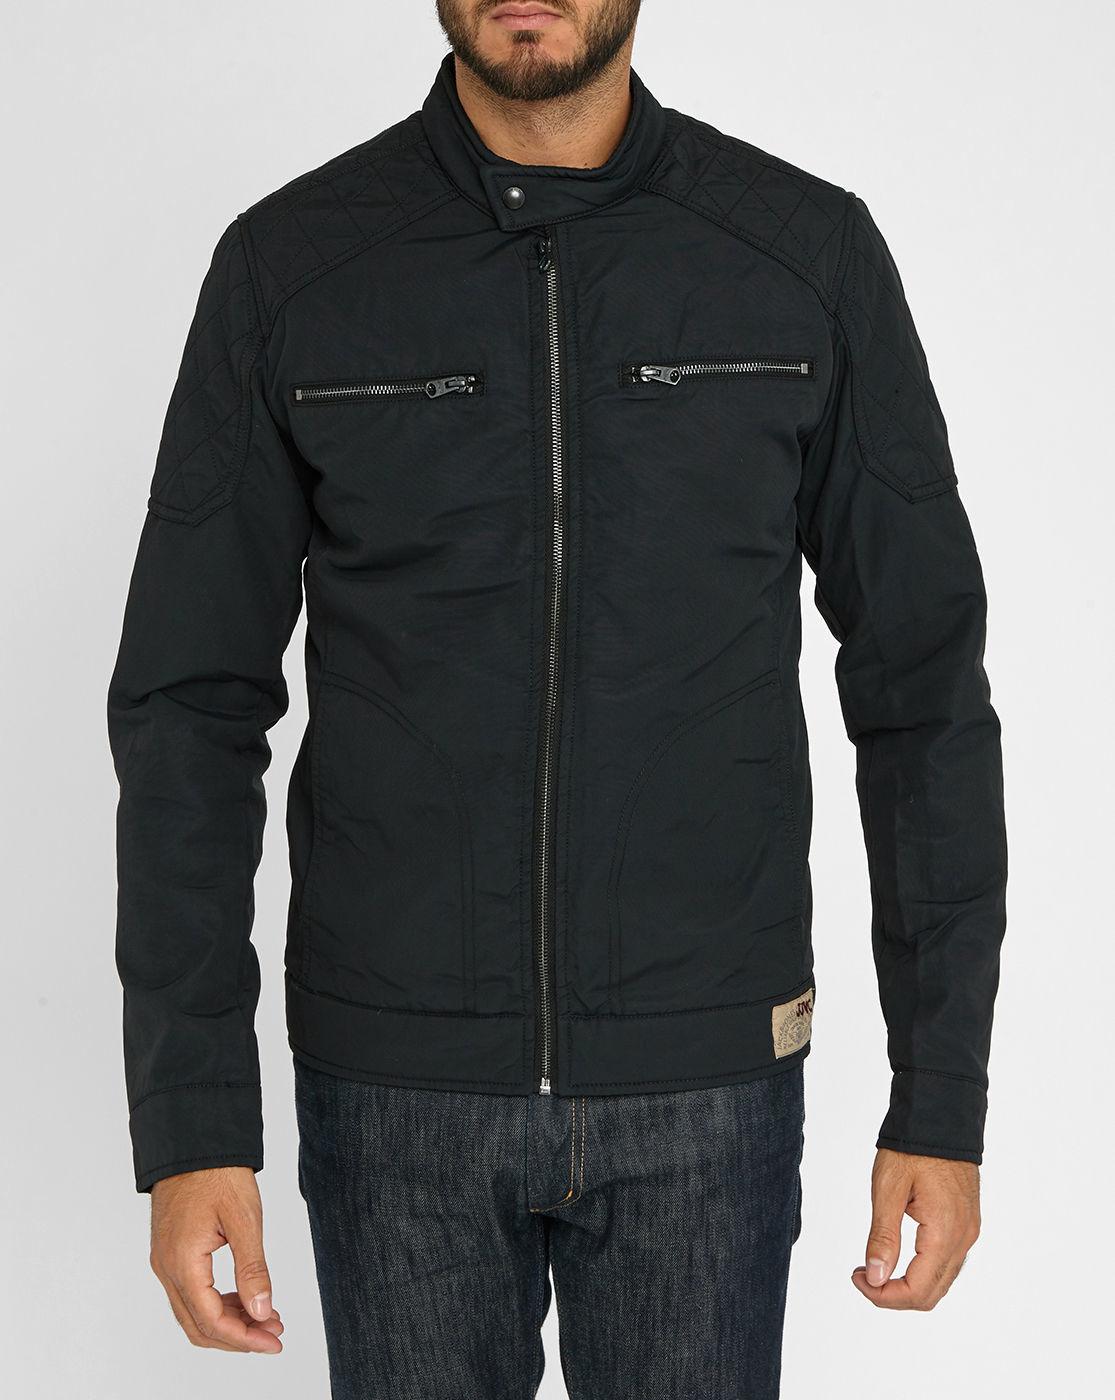 jack jones black chest pockets motorcycle jacket in. Black Bedroom Furniture Sets. Home Design Ideas